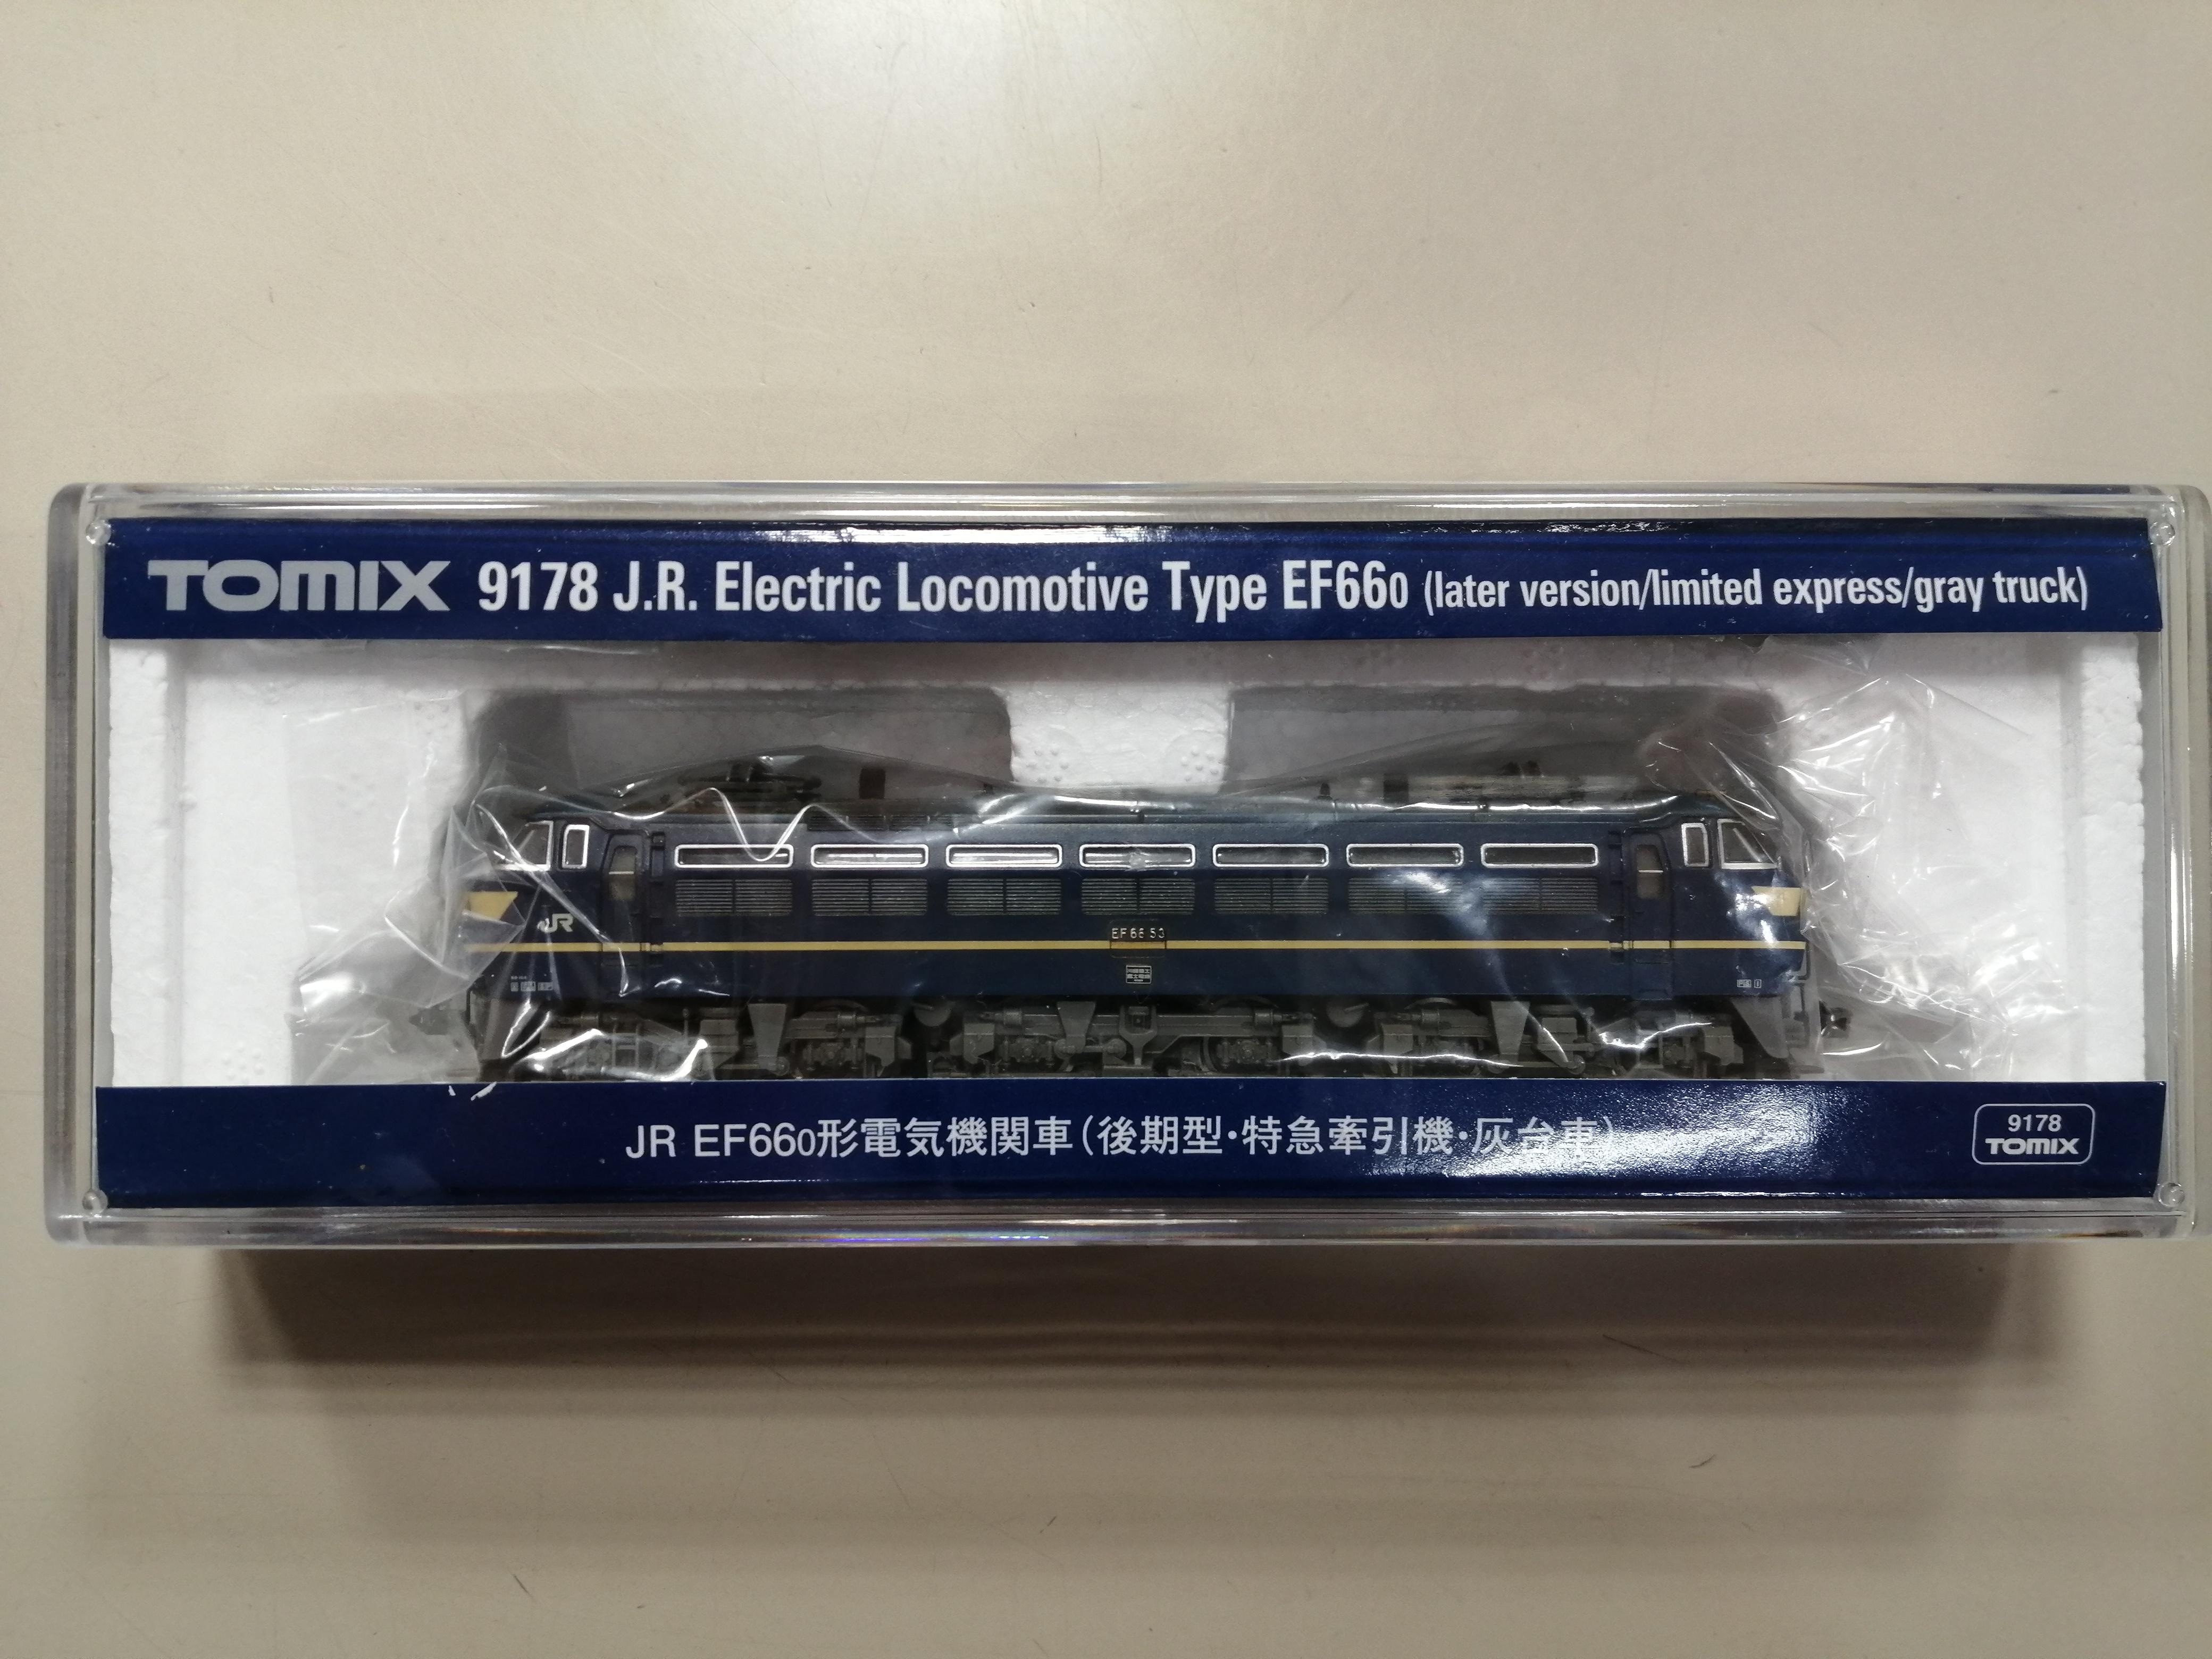 【破損あり】EF66 0形電気機関車|TOMIX